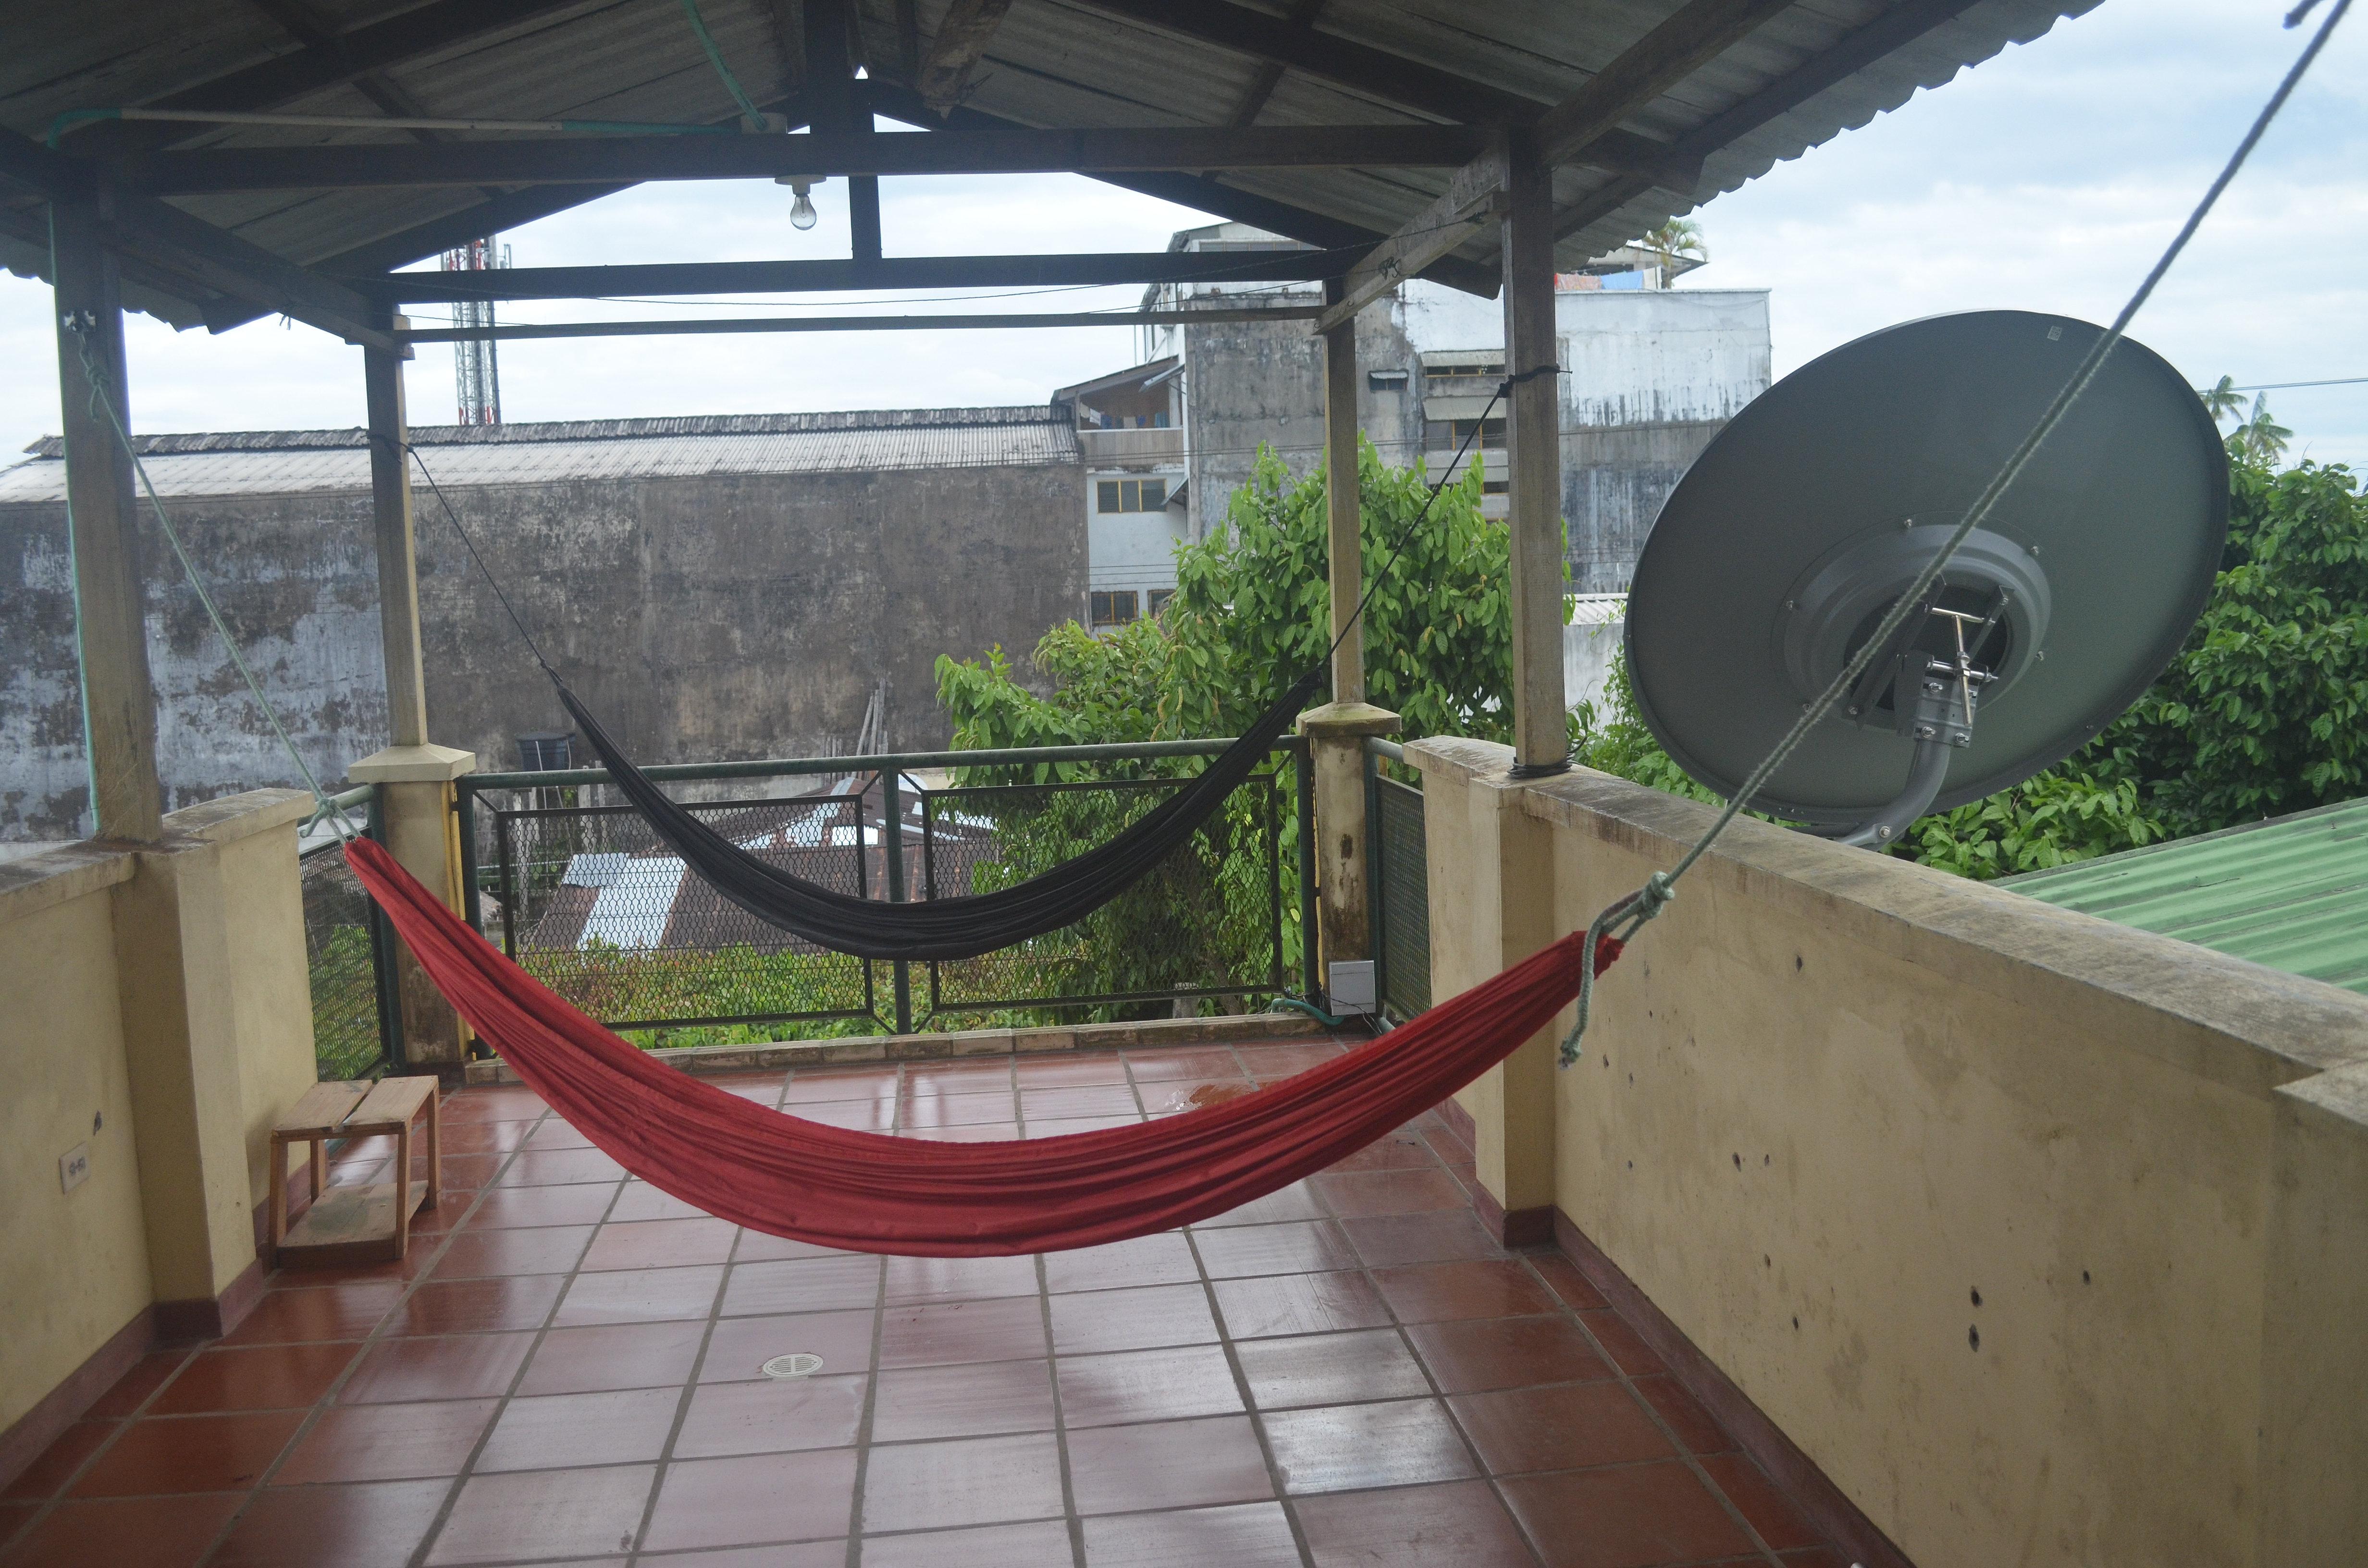 Casadelkurupira terraza de hamacas for Nebulizadores para terrazas de bares